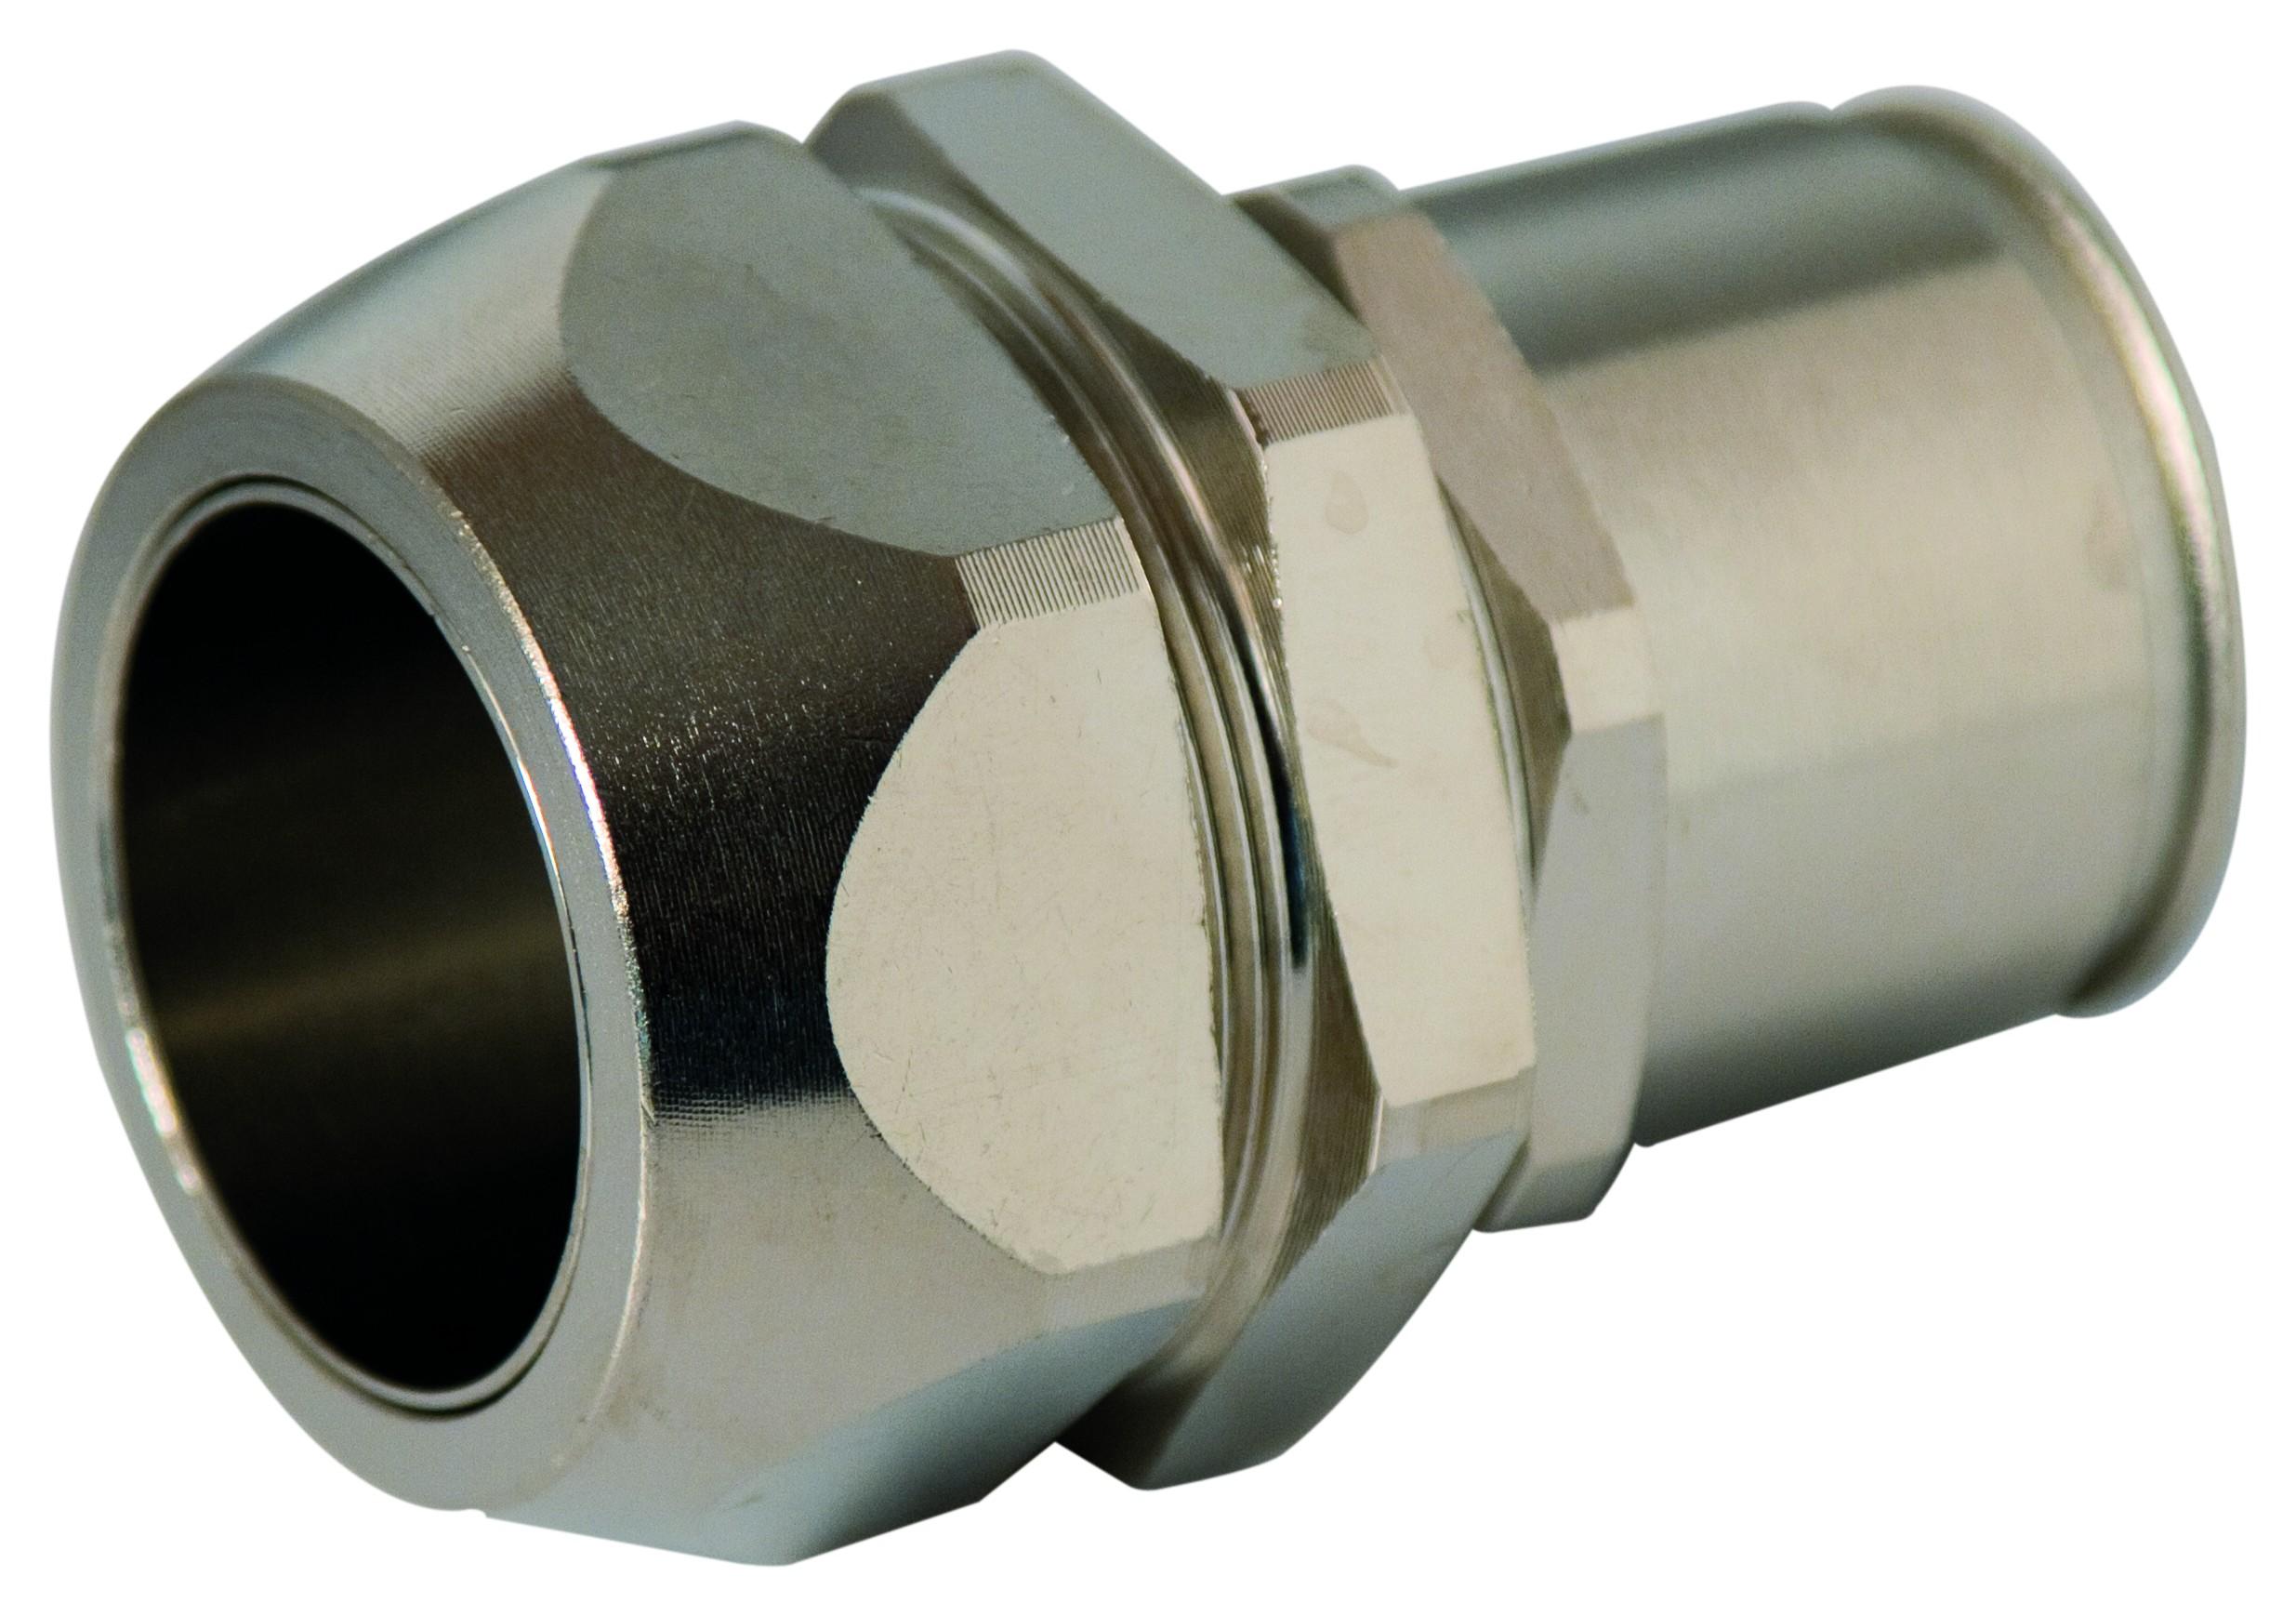 Raccordo tubo rigido tubo flessibile a doppio bloccaggio - Tubo plastico rigido ...